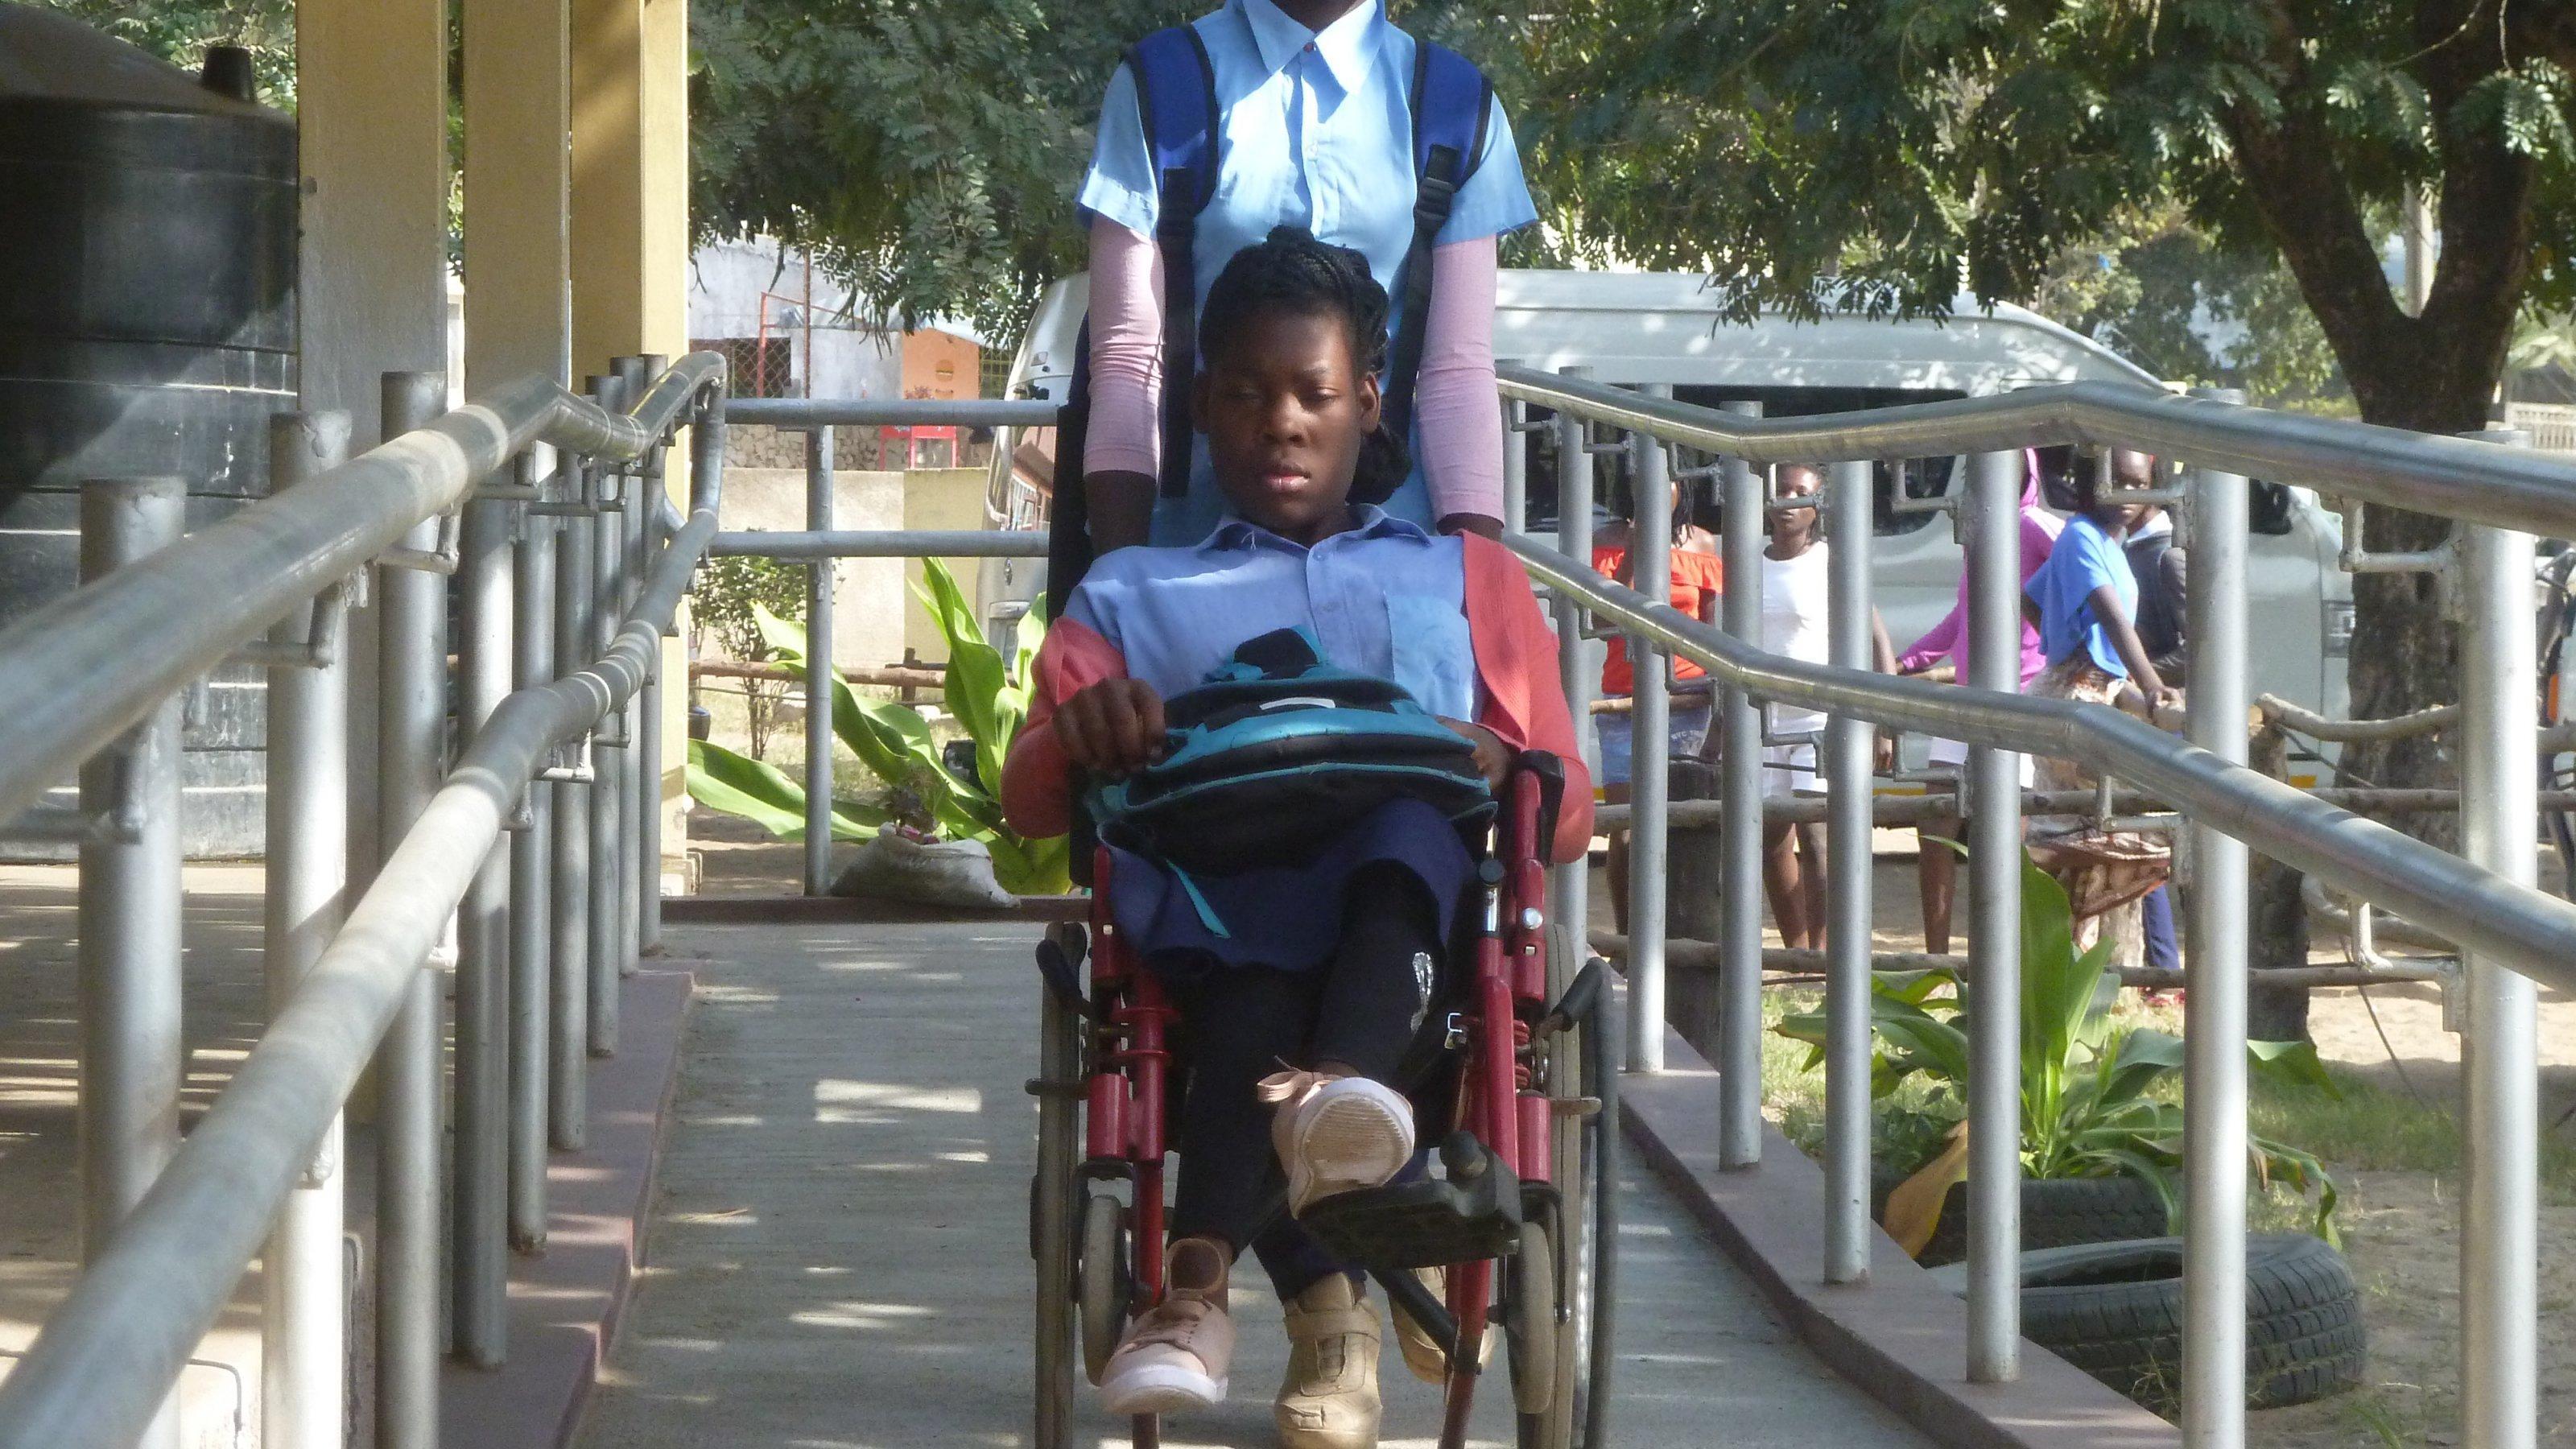 Chelsia sitzt im Rollstuhl, ihre Freundin schiebt sie die neue Rampe in der Schule hinunter, rechts und links ein Metallgeländer